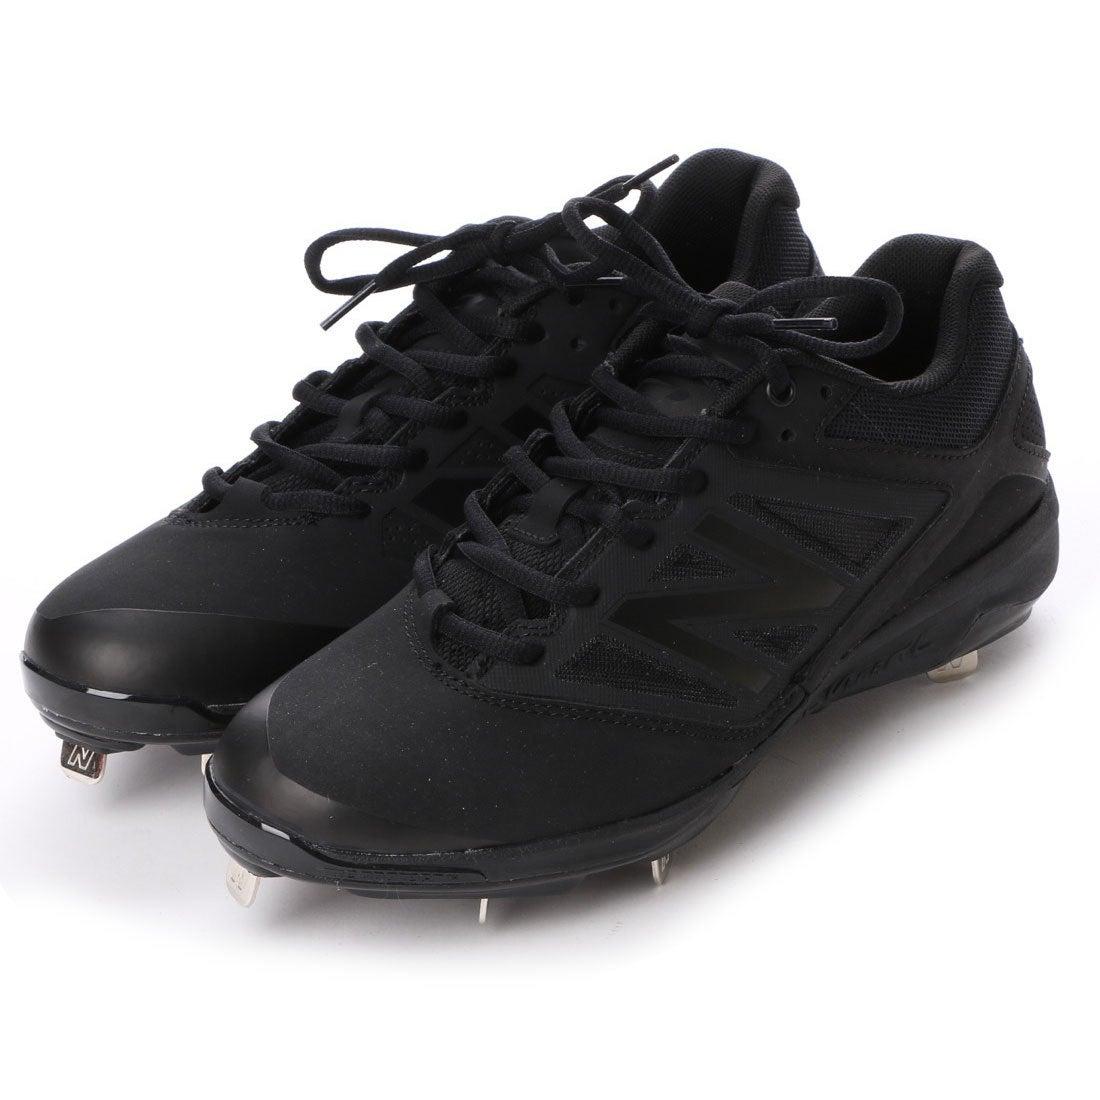 【SALE 30%OFF】ニューバランス new balance 野球スパイク L4040V3 AK3 L4040D ブラック (ブラック×ホワイト)